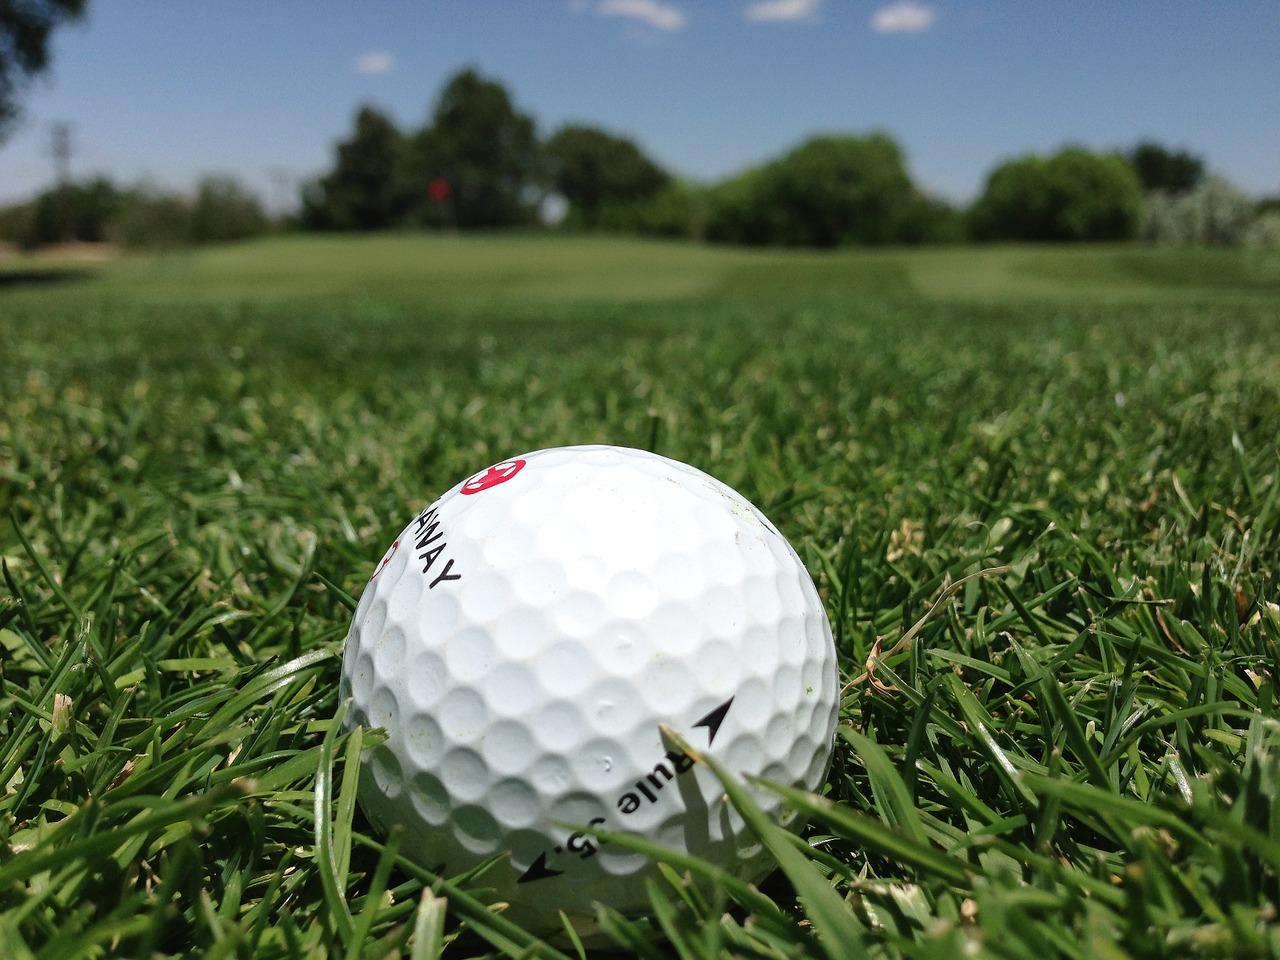 20 mai 2020, ouverture de la saison de golf au Québec